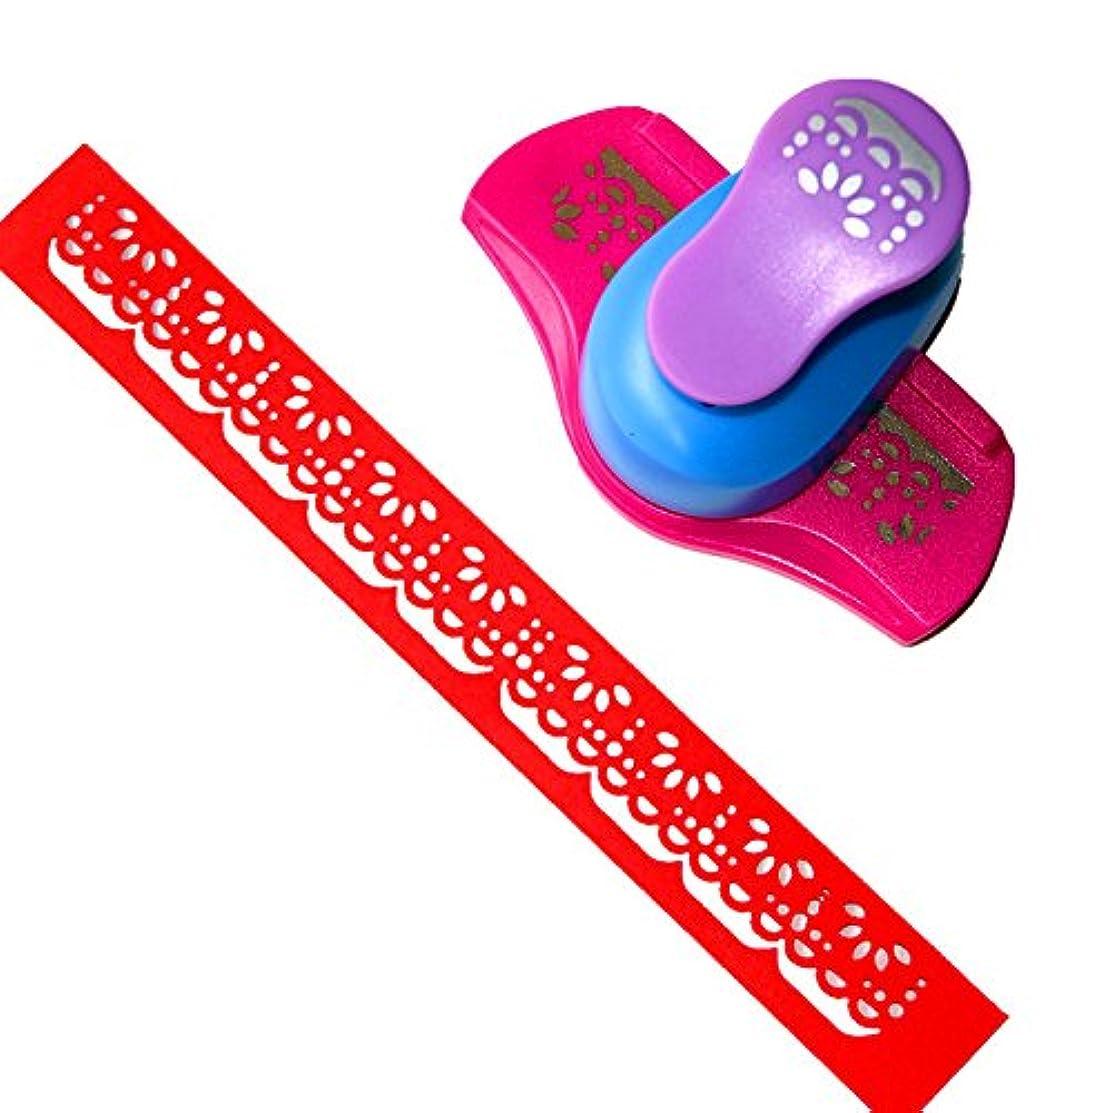 Kawendite Craft Punch Scroll Pattern Largr Tools Edge Paper Punch Craft Punch Scroll Pattern Largr Tools Edge Paper Punch (1)